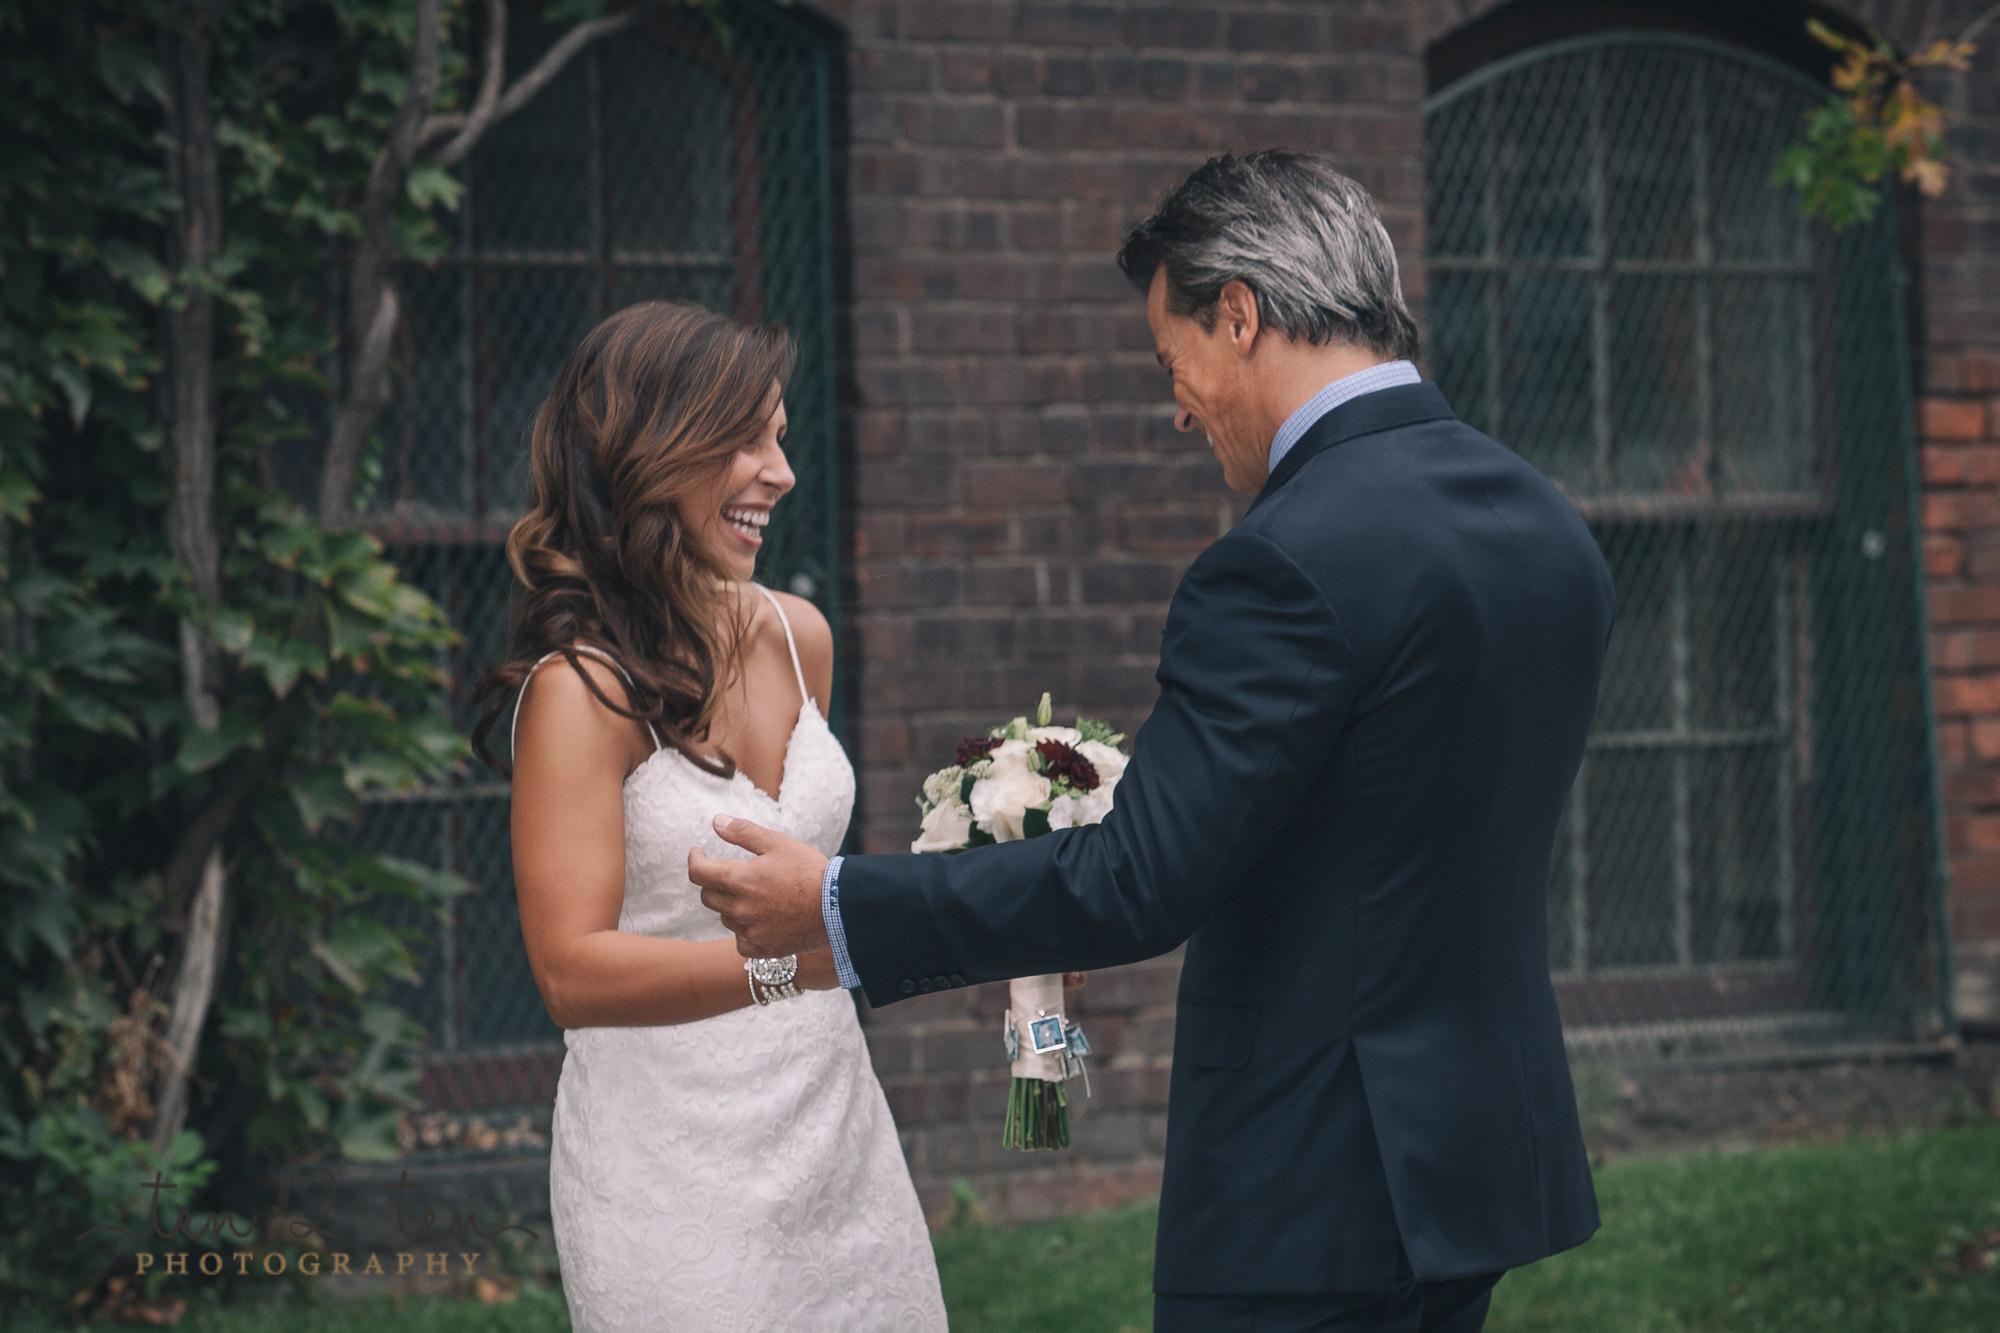 mildreds temple kitchen wedding photos 130 - Mildred's Temple Kitchen Wedding Photos